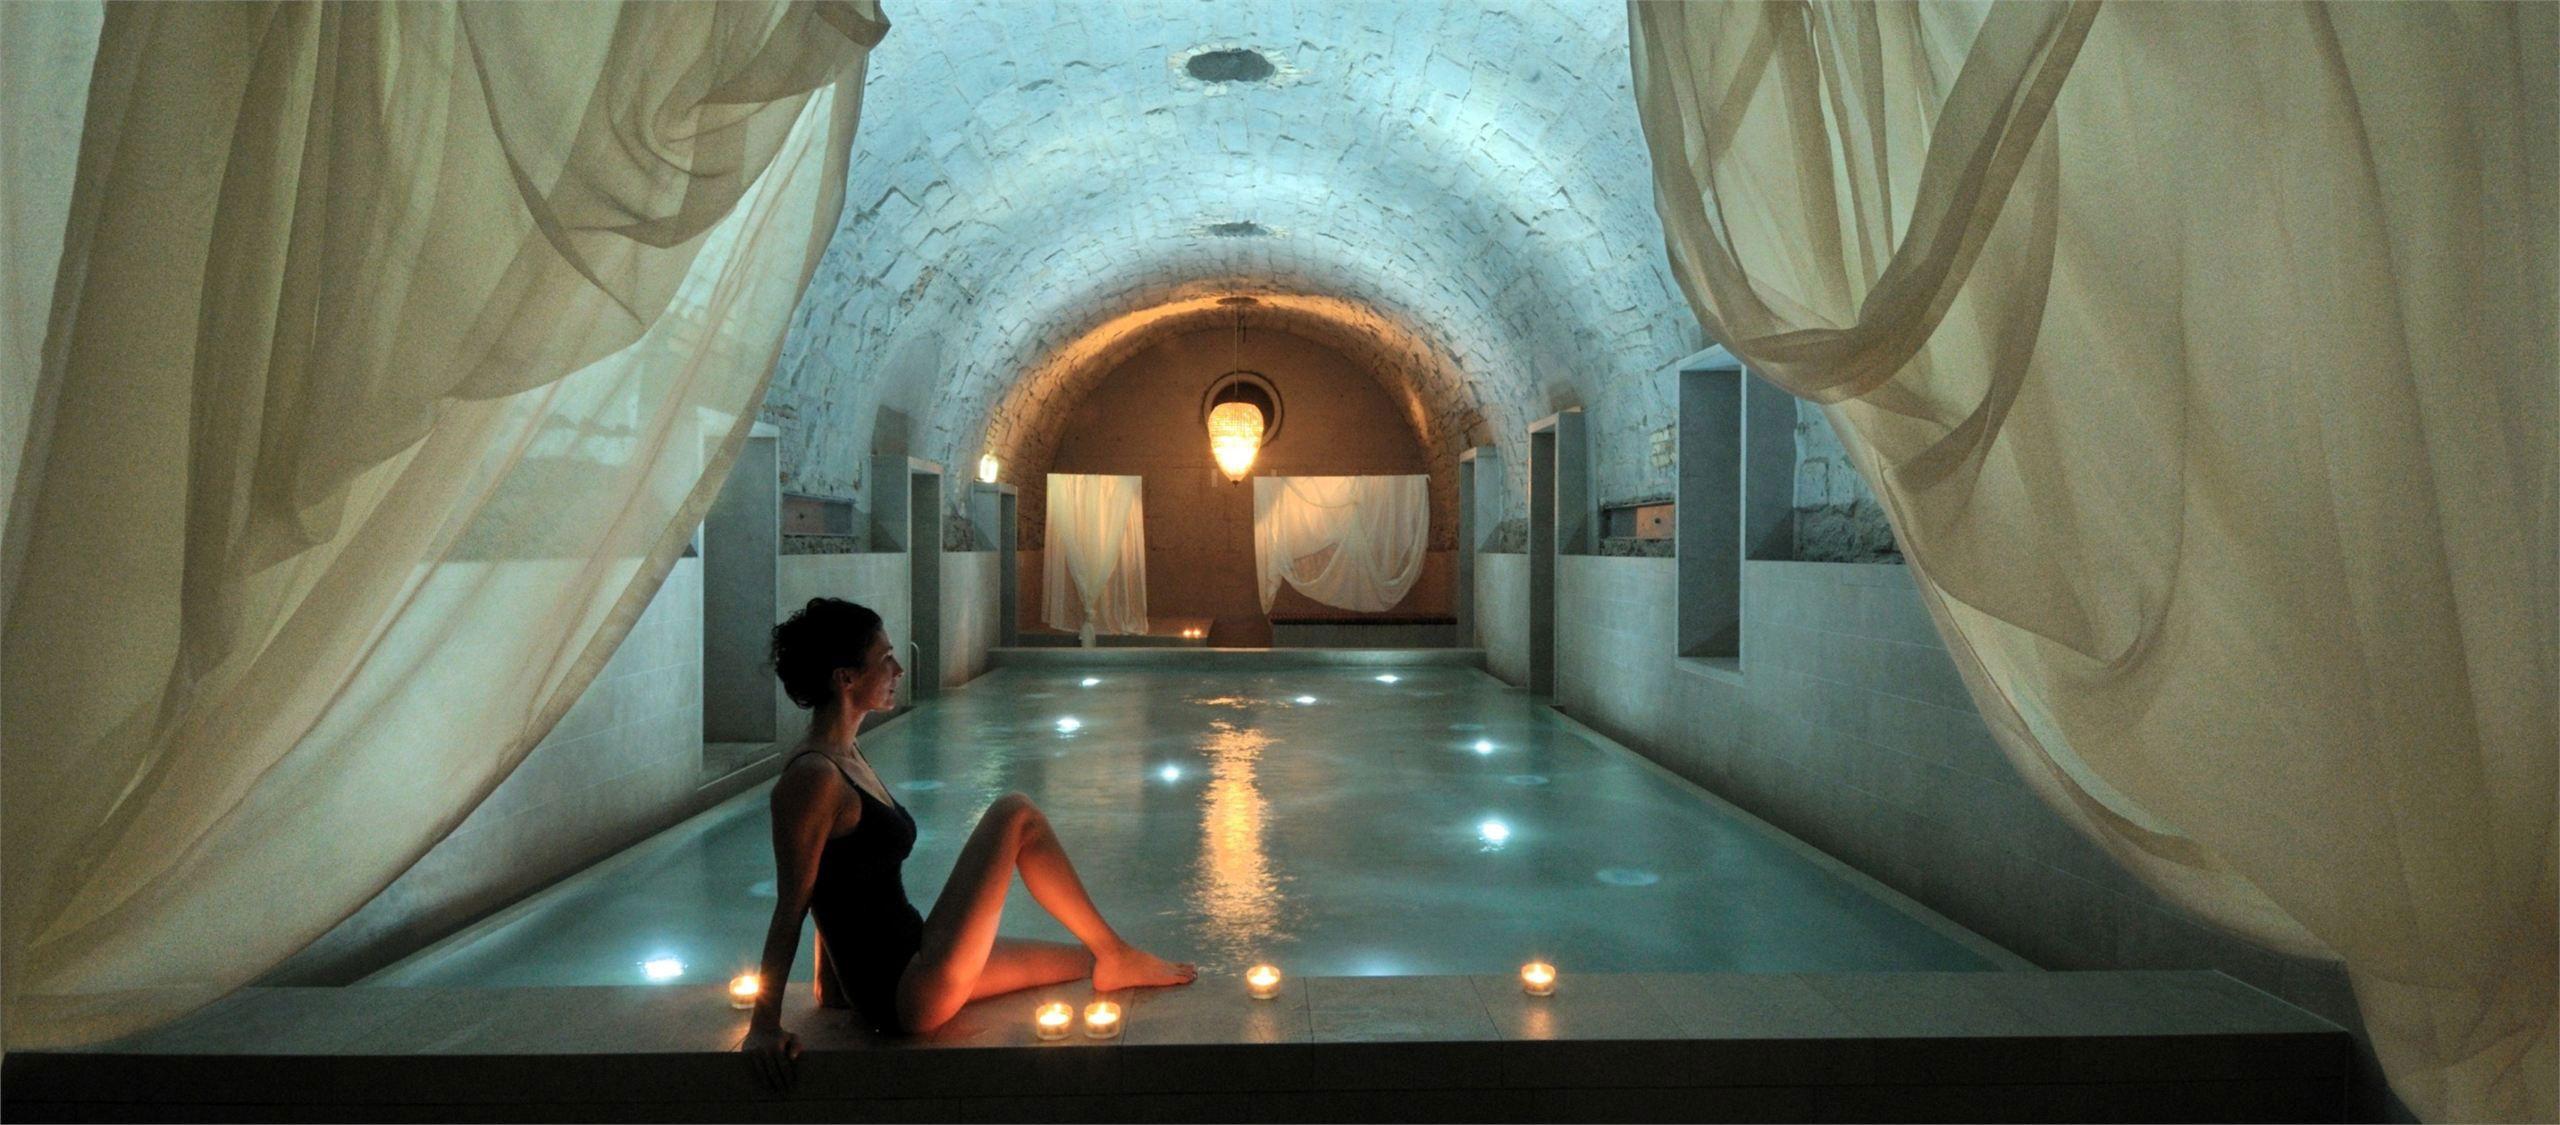 b2 boutique hotel by althammer hochuli architekten   swimming, Badezimmer ideen